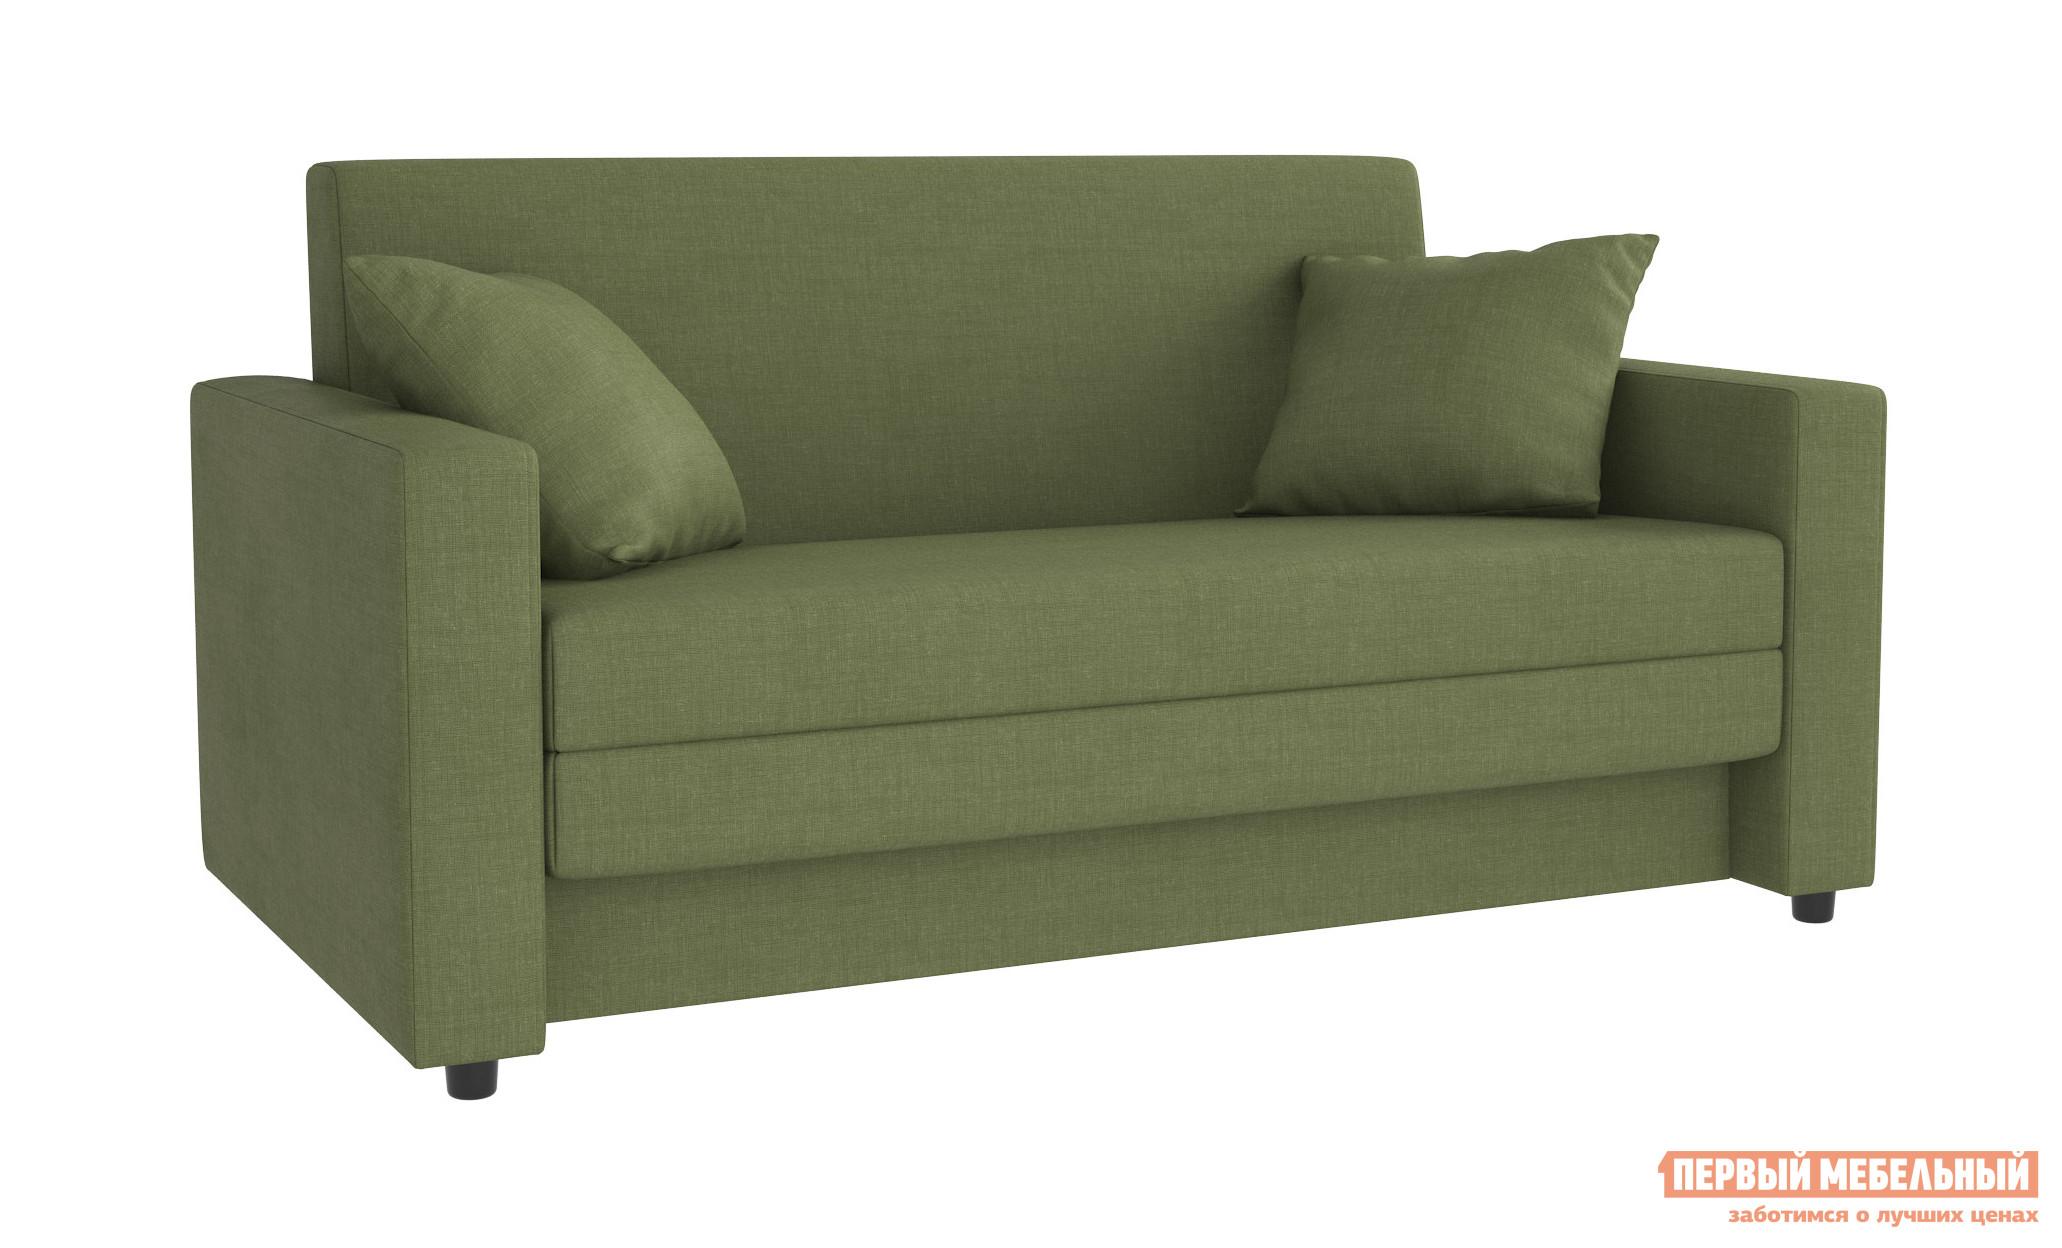 Прямой диван Первый Мебельный Ганс